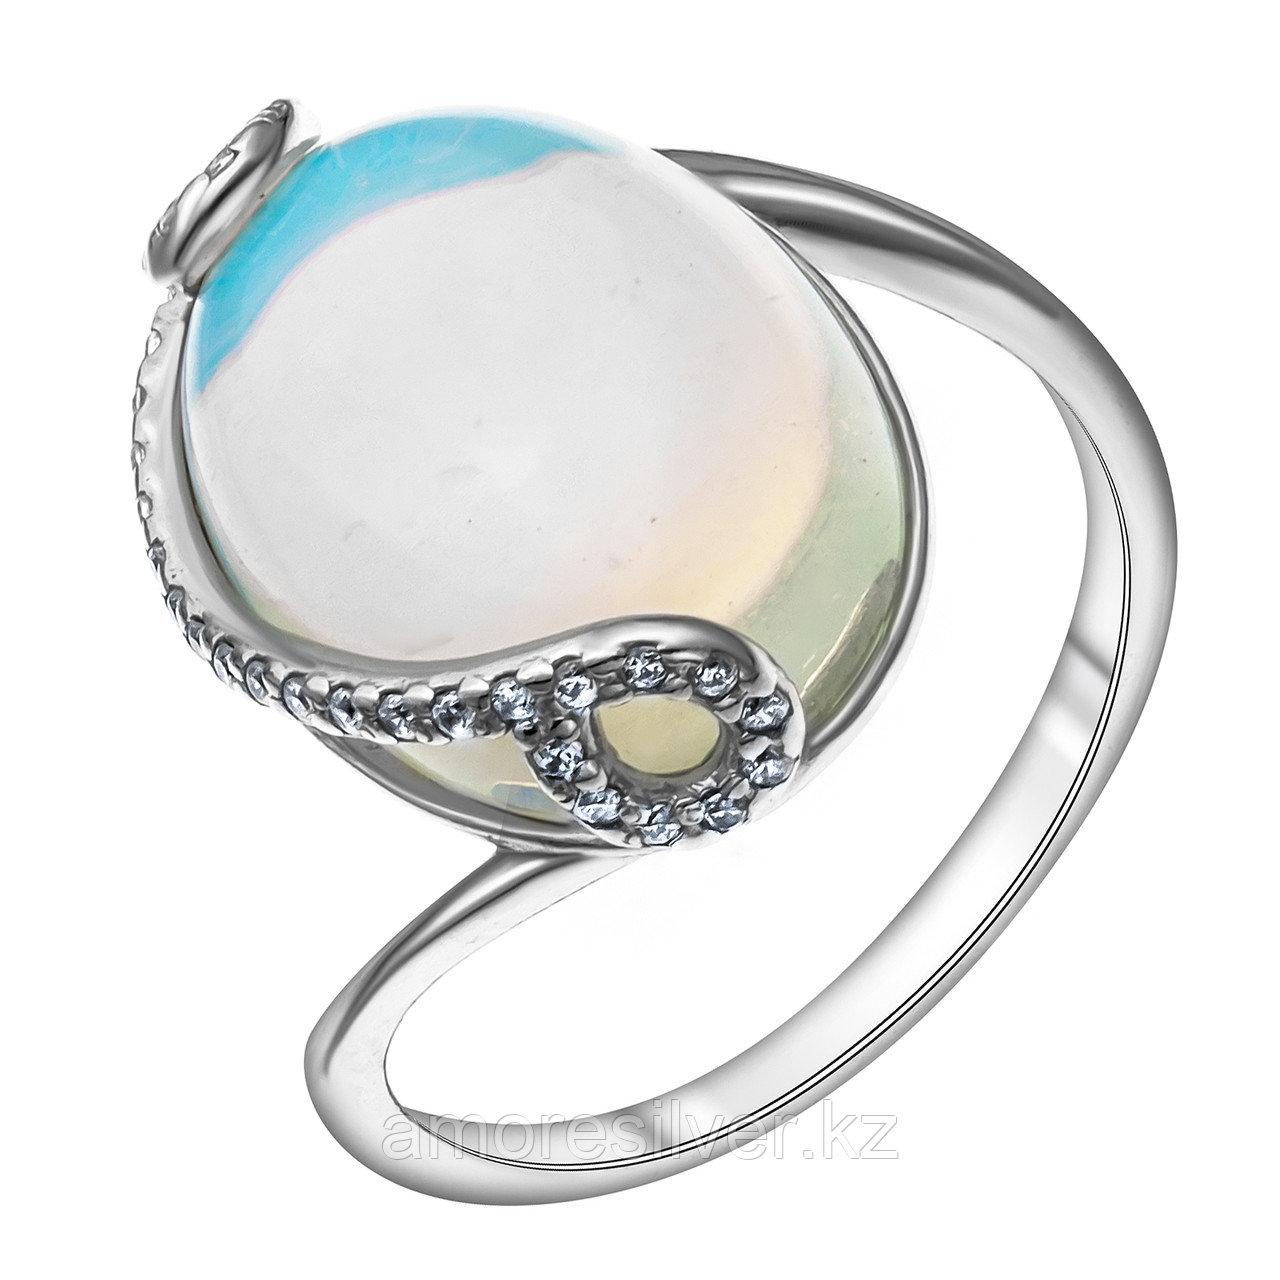 Кольцо из серебра с лунным камнем и фианитом  Приволжский Ювелир 251196-MNS